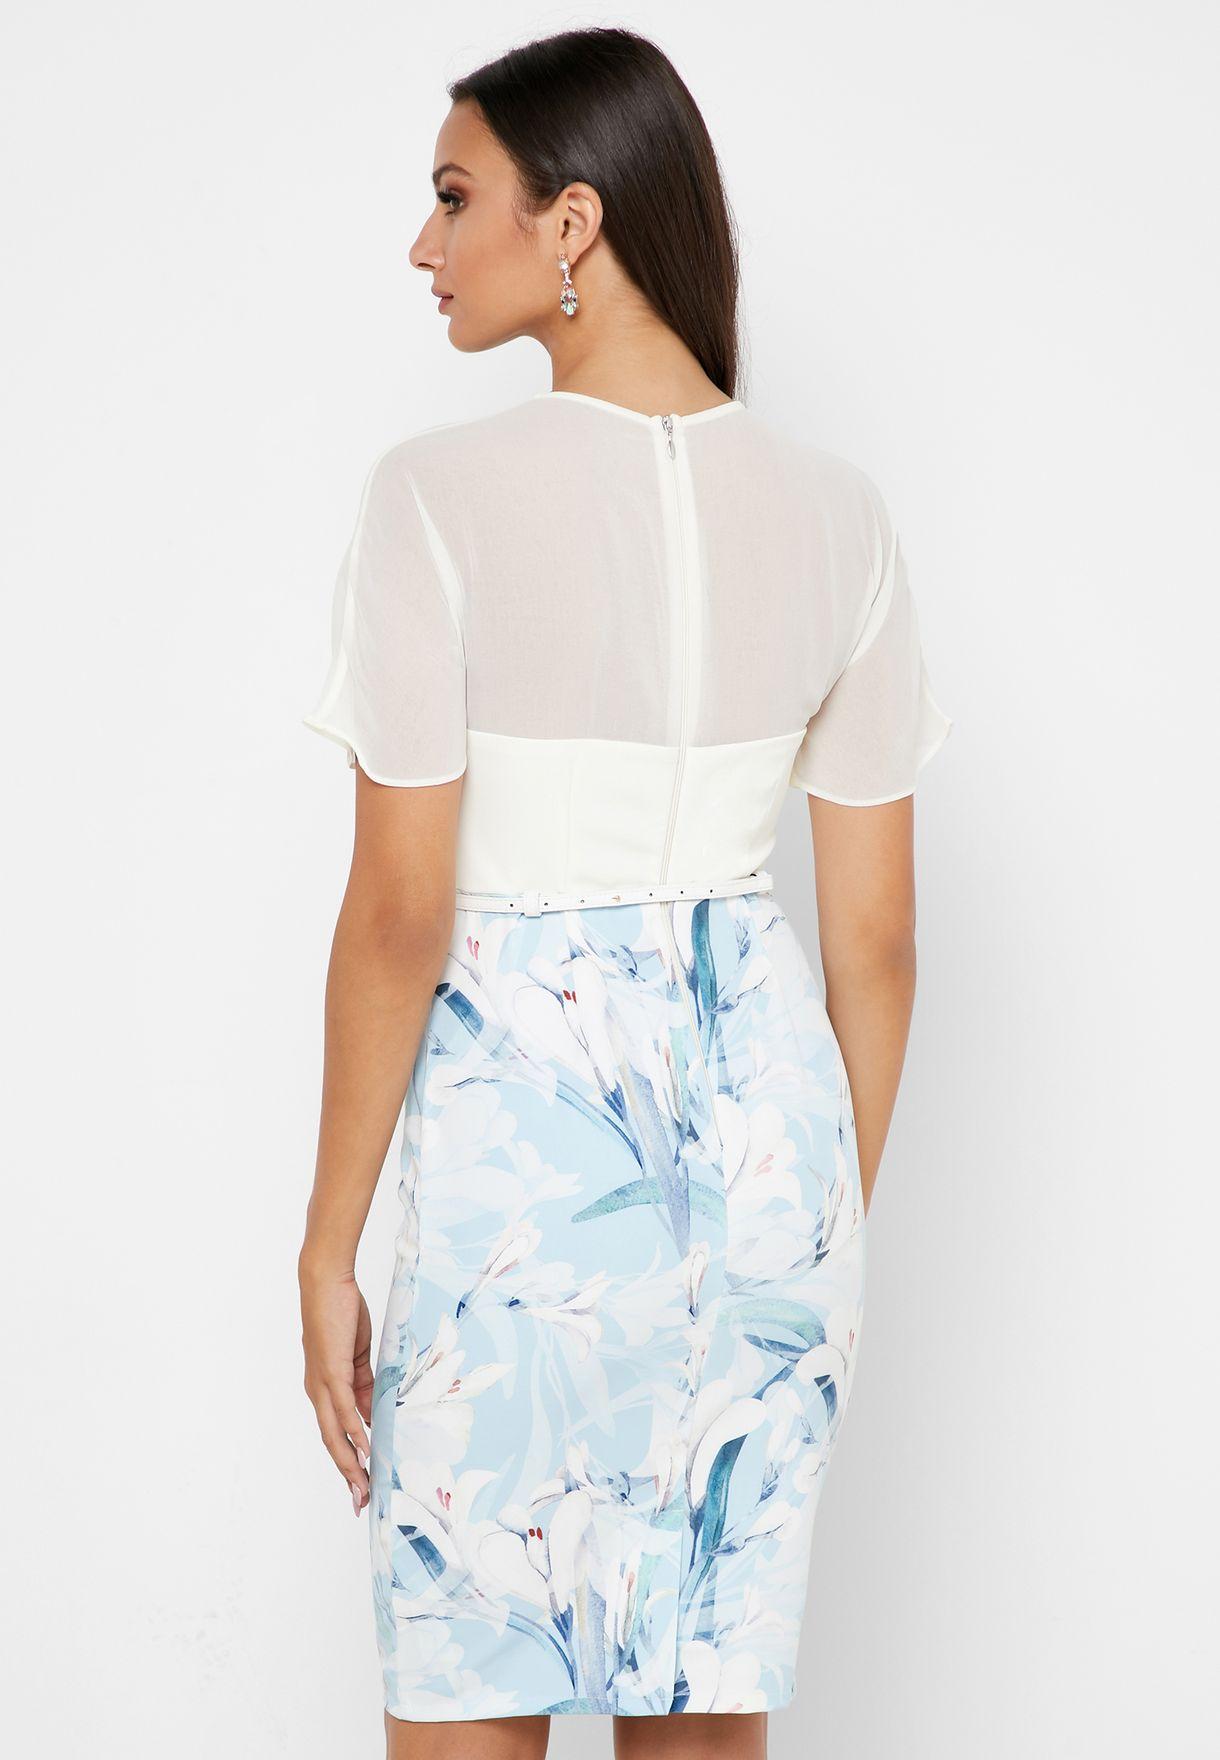 Sheer Sleeve Printed Dress